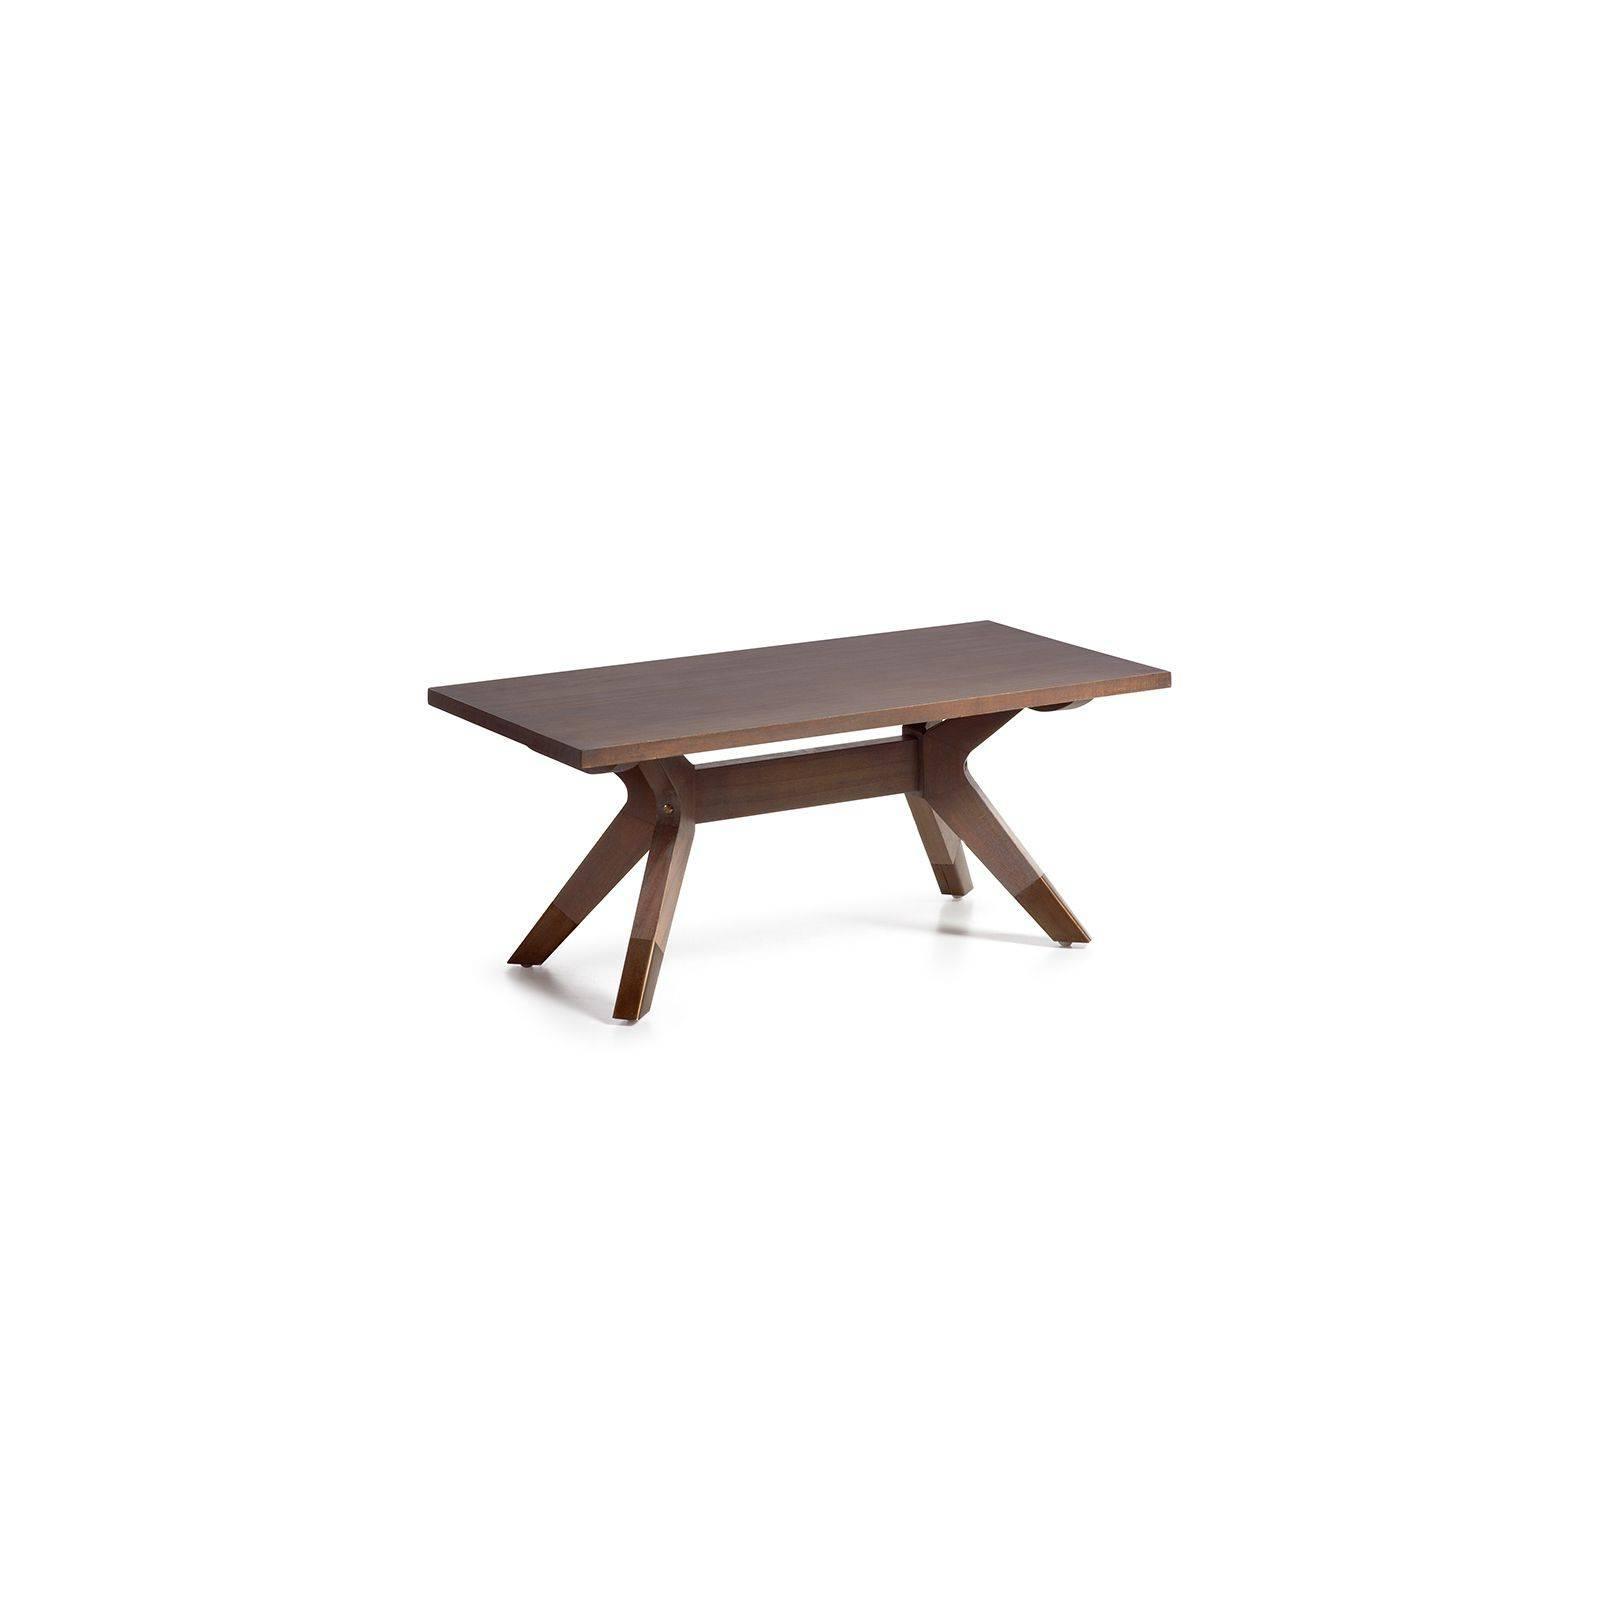 Table basse Vintage Mindi Massif - vente de meubles en bois massif